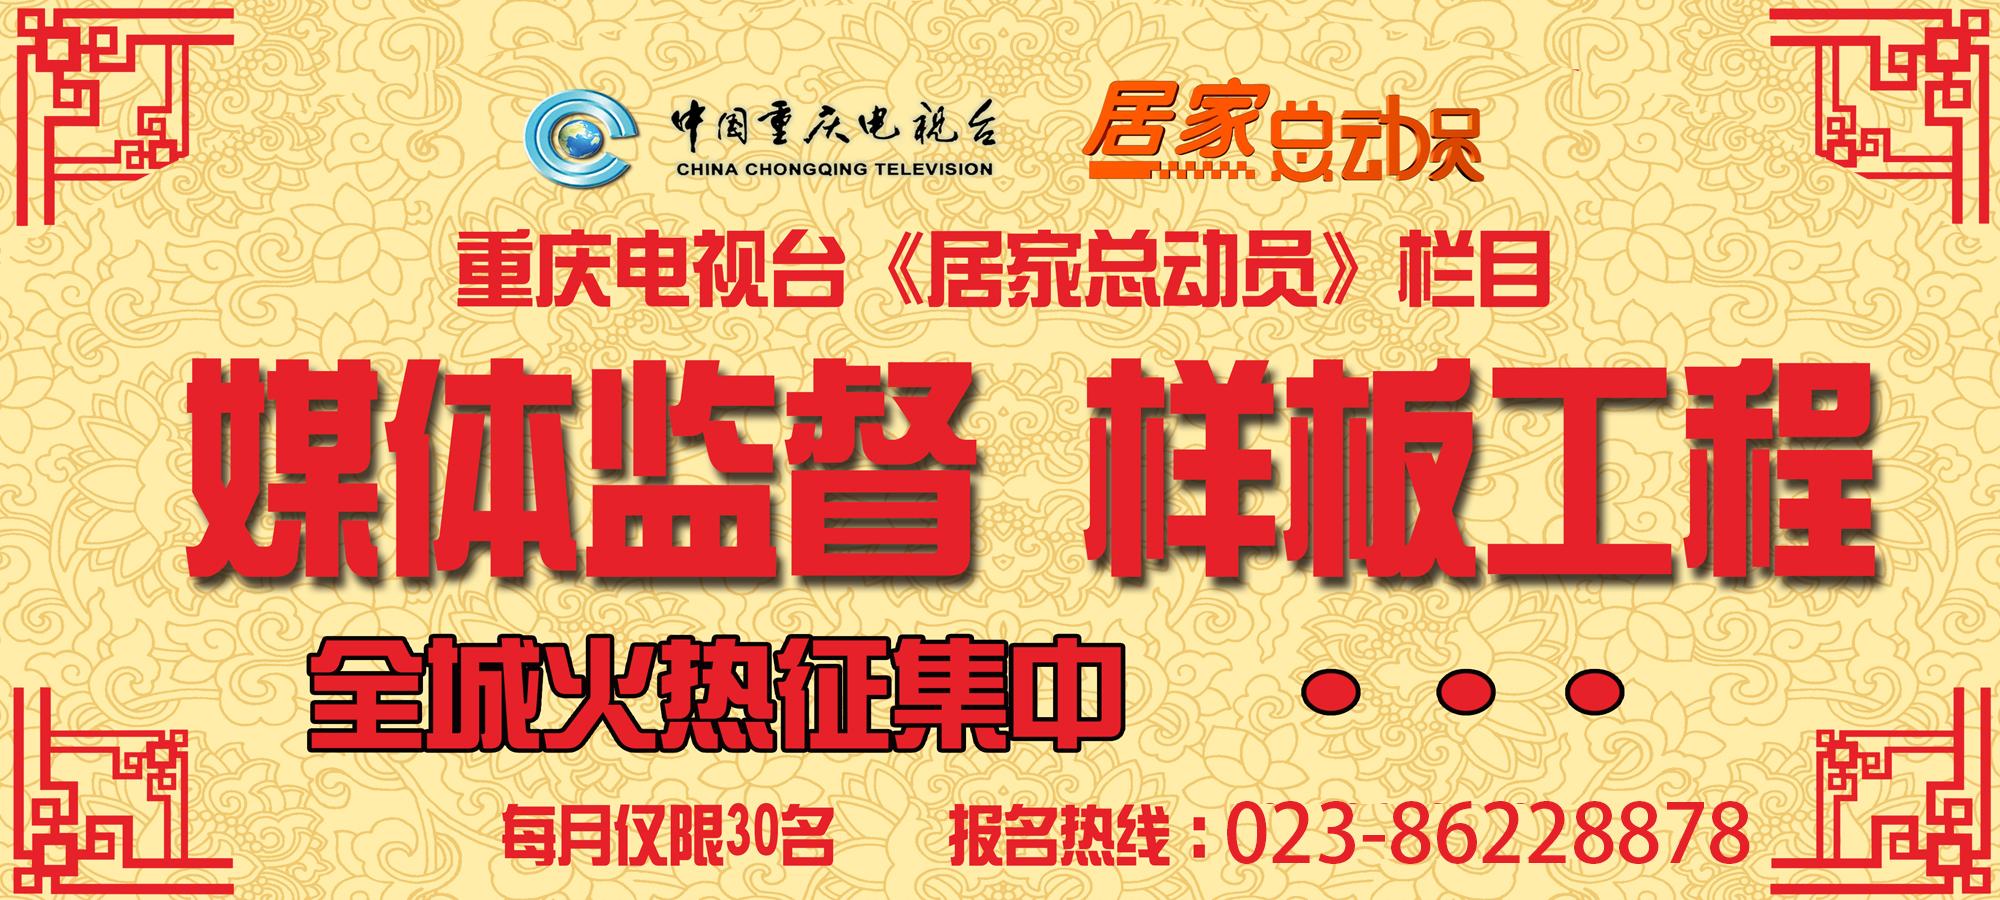 重庆电视台《居家总动员》栏目 媒体监督,样板工程 全城火热征集中……